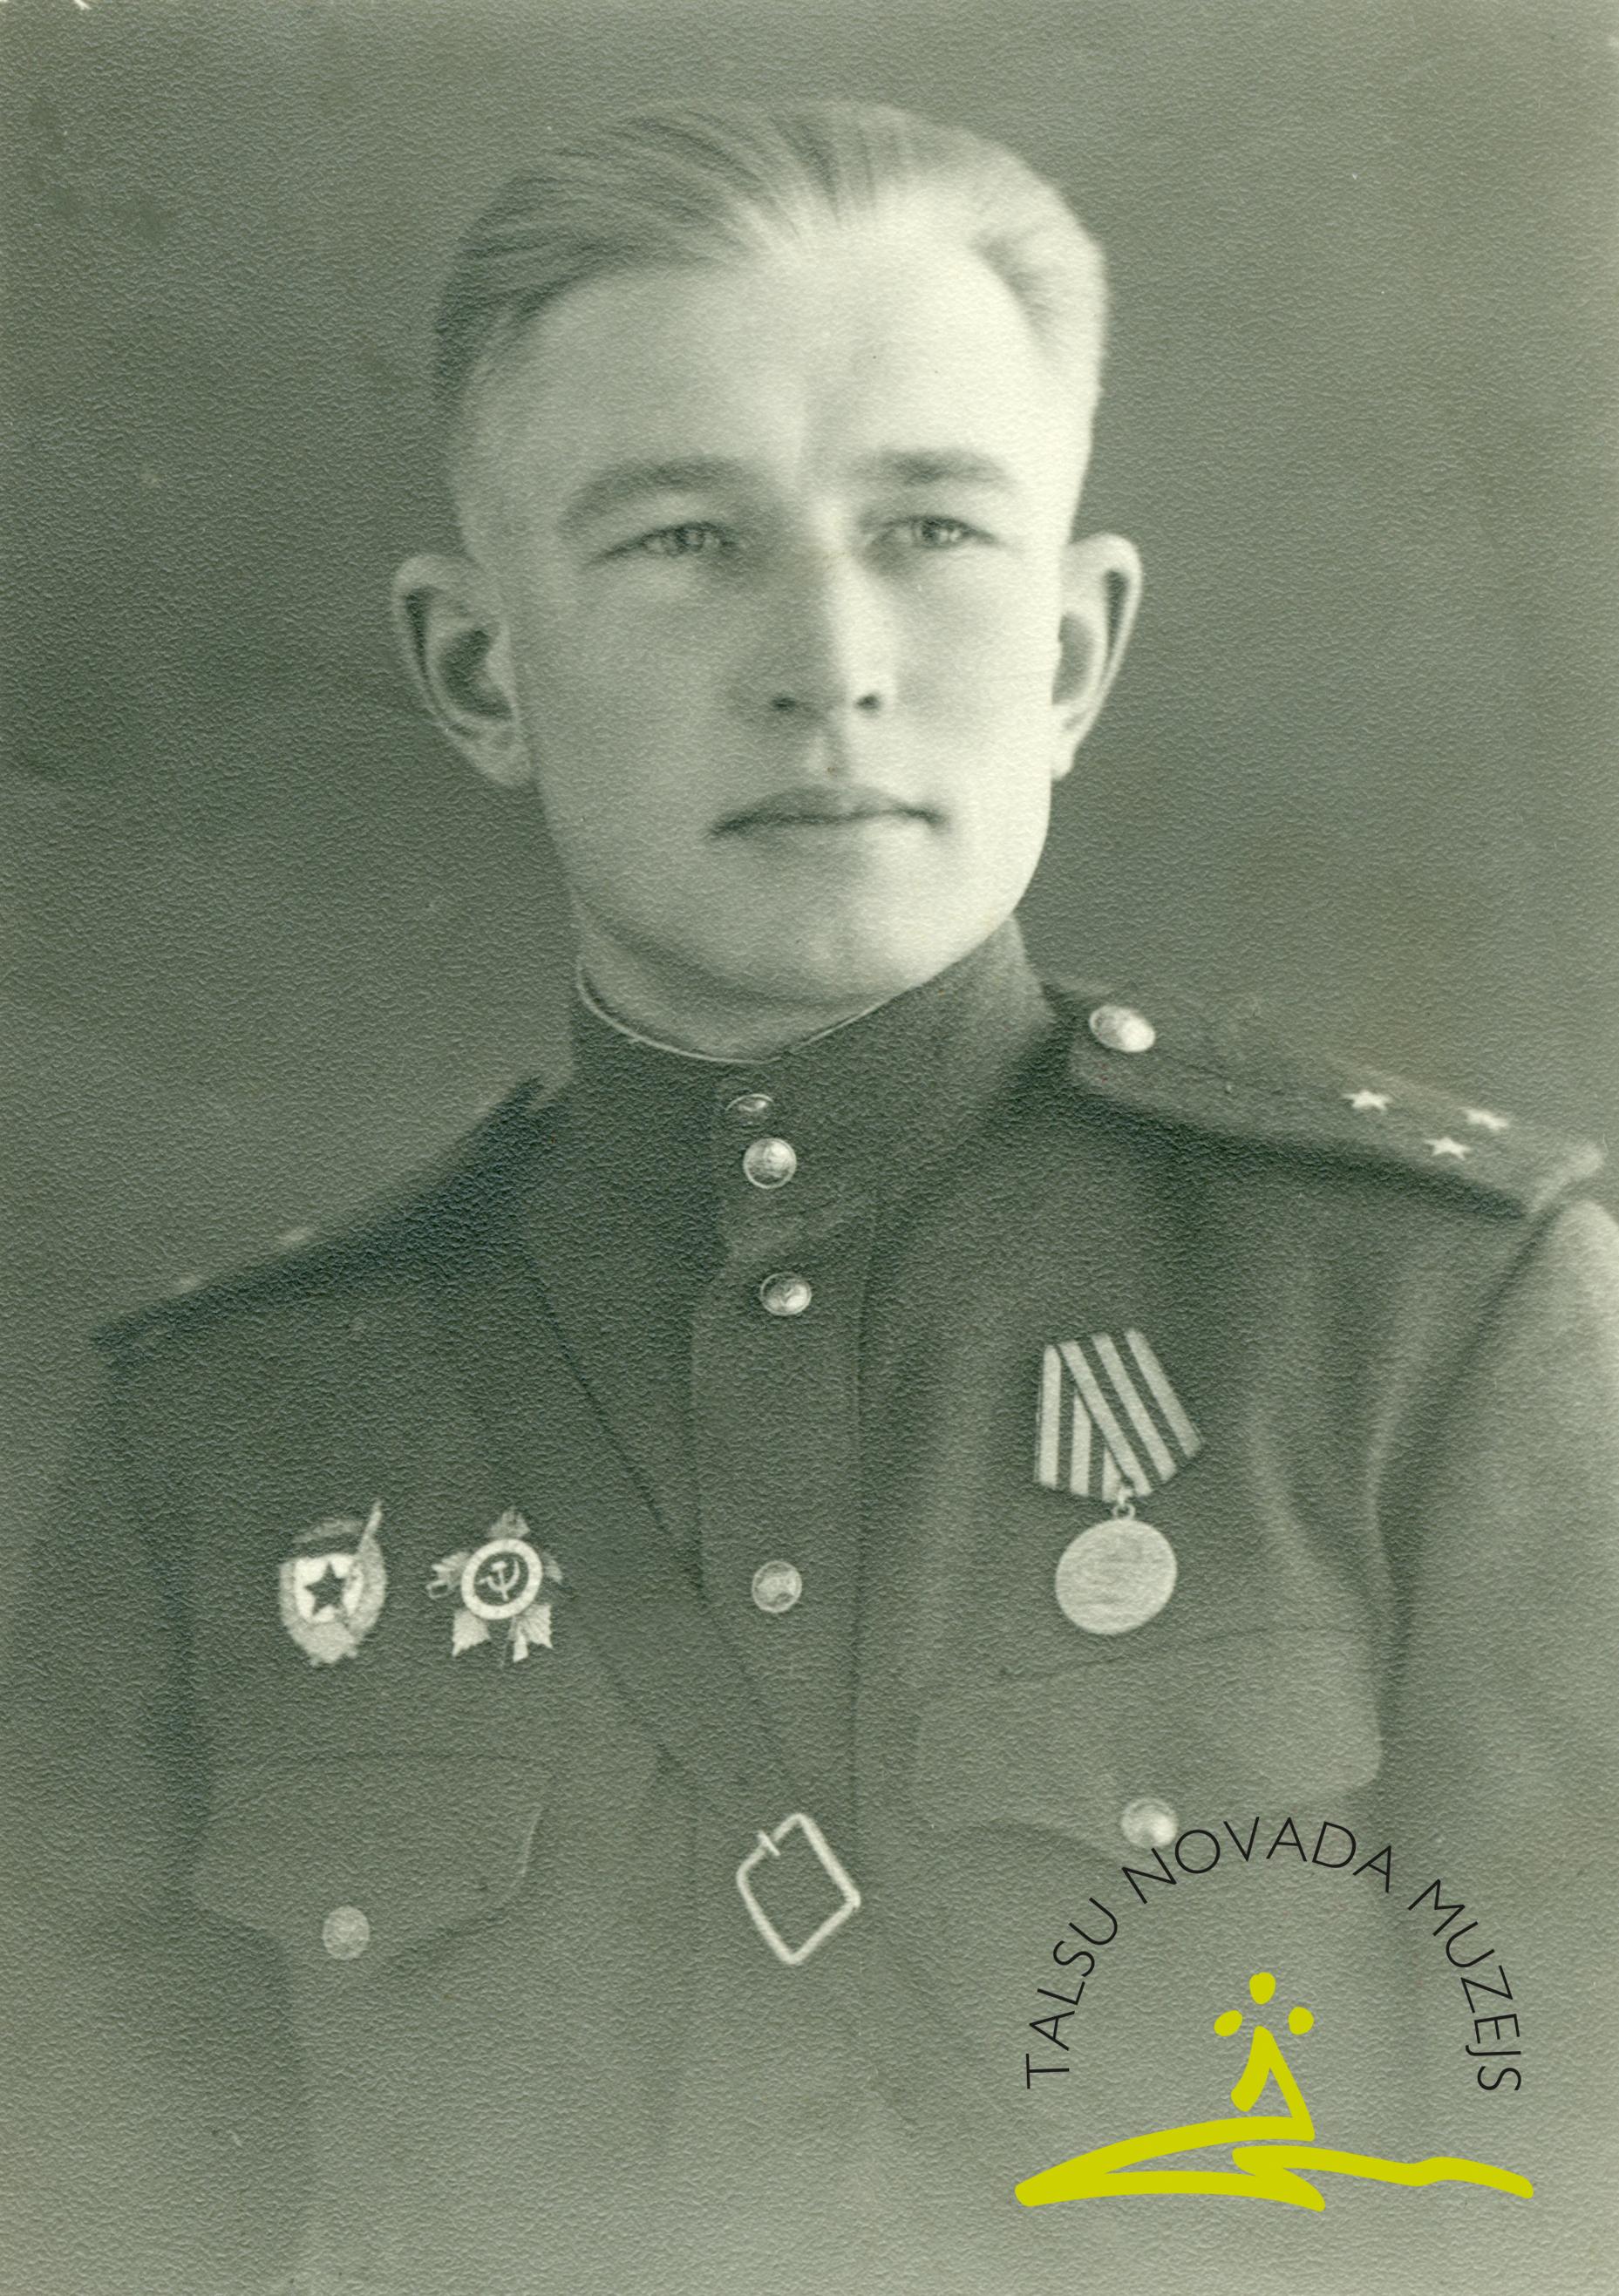 43. gvardes latviešu strēlnieku divīzijas 125. gvardes strēlnieku pulka 112. motostrēlnieku izlūkrotas vada komandieris Miķelis Petrovskis Staņislava d. (1917–1985)